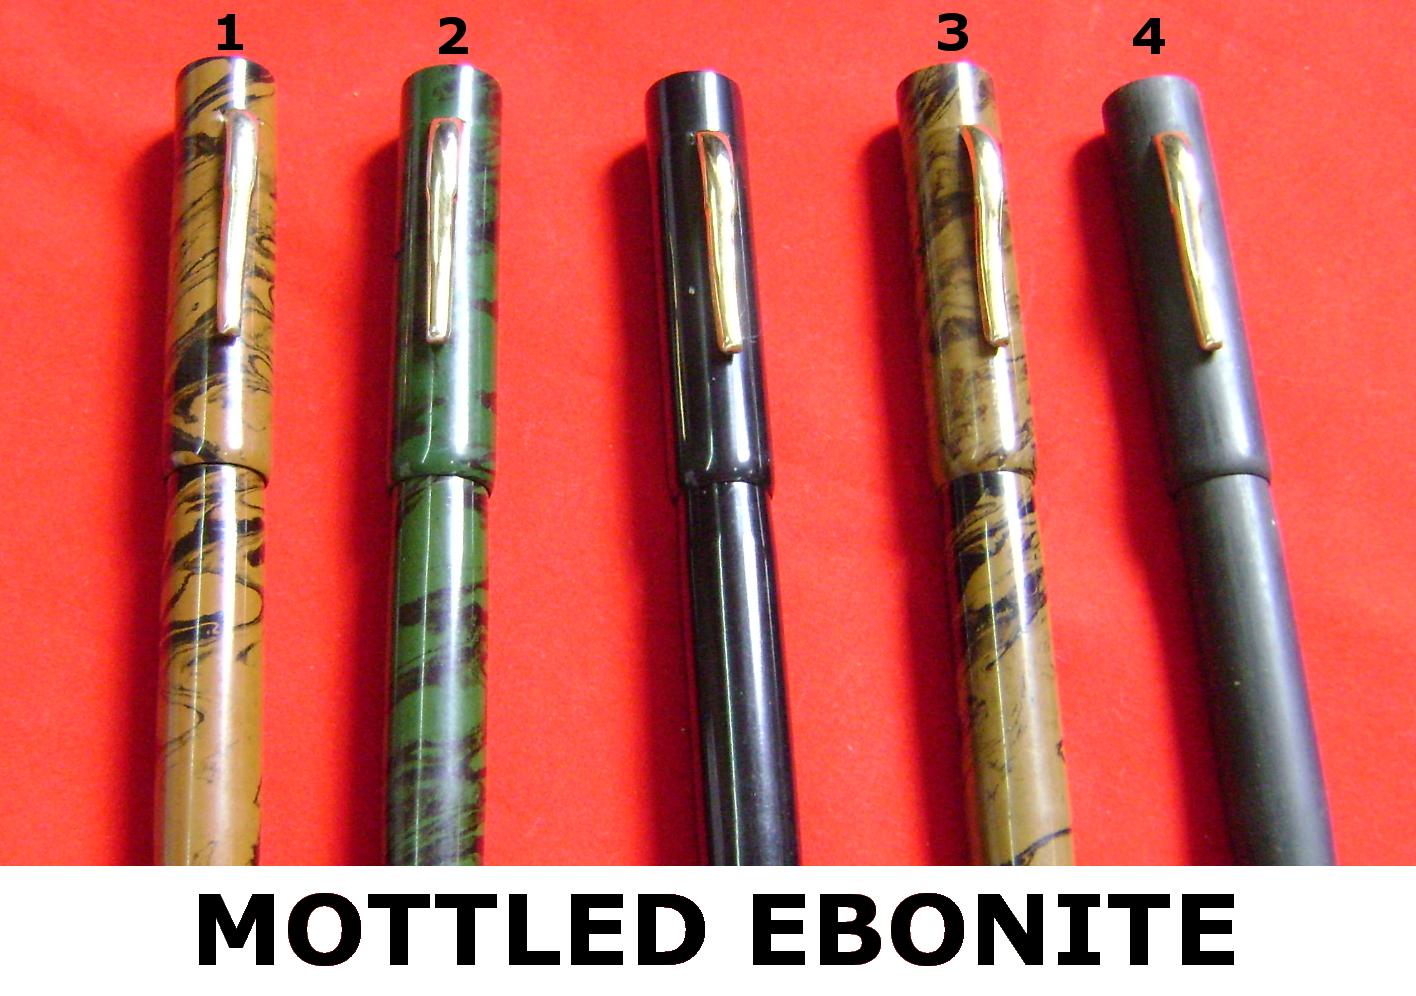 fpn_1462187638__mottled_ebonite_.jpg